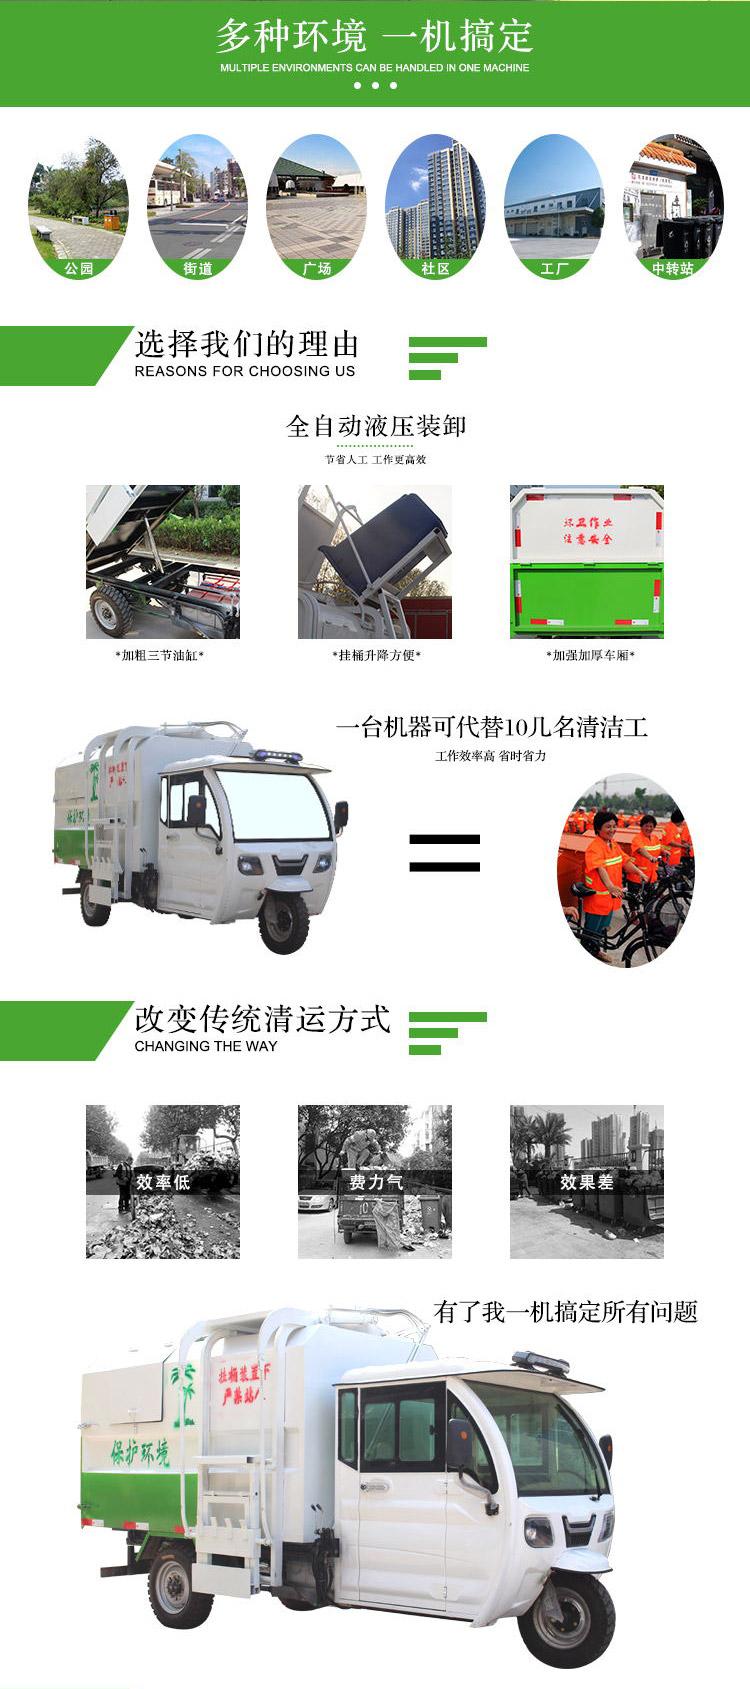 电动三轮垃圾环卫车